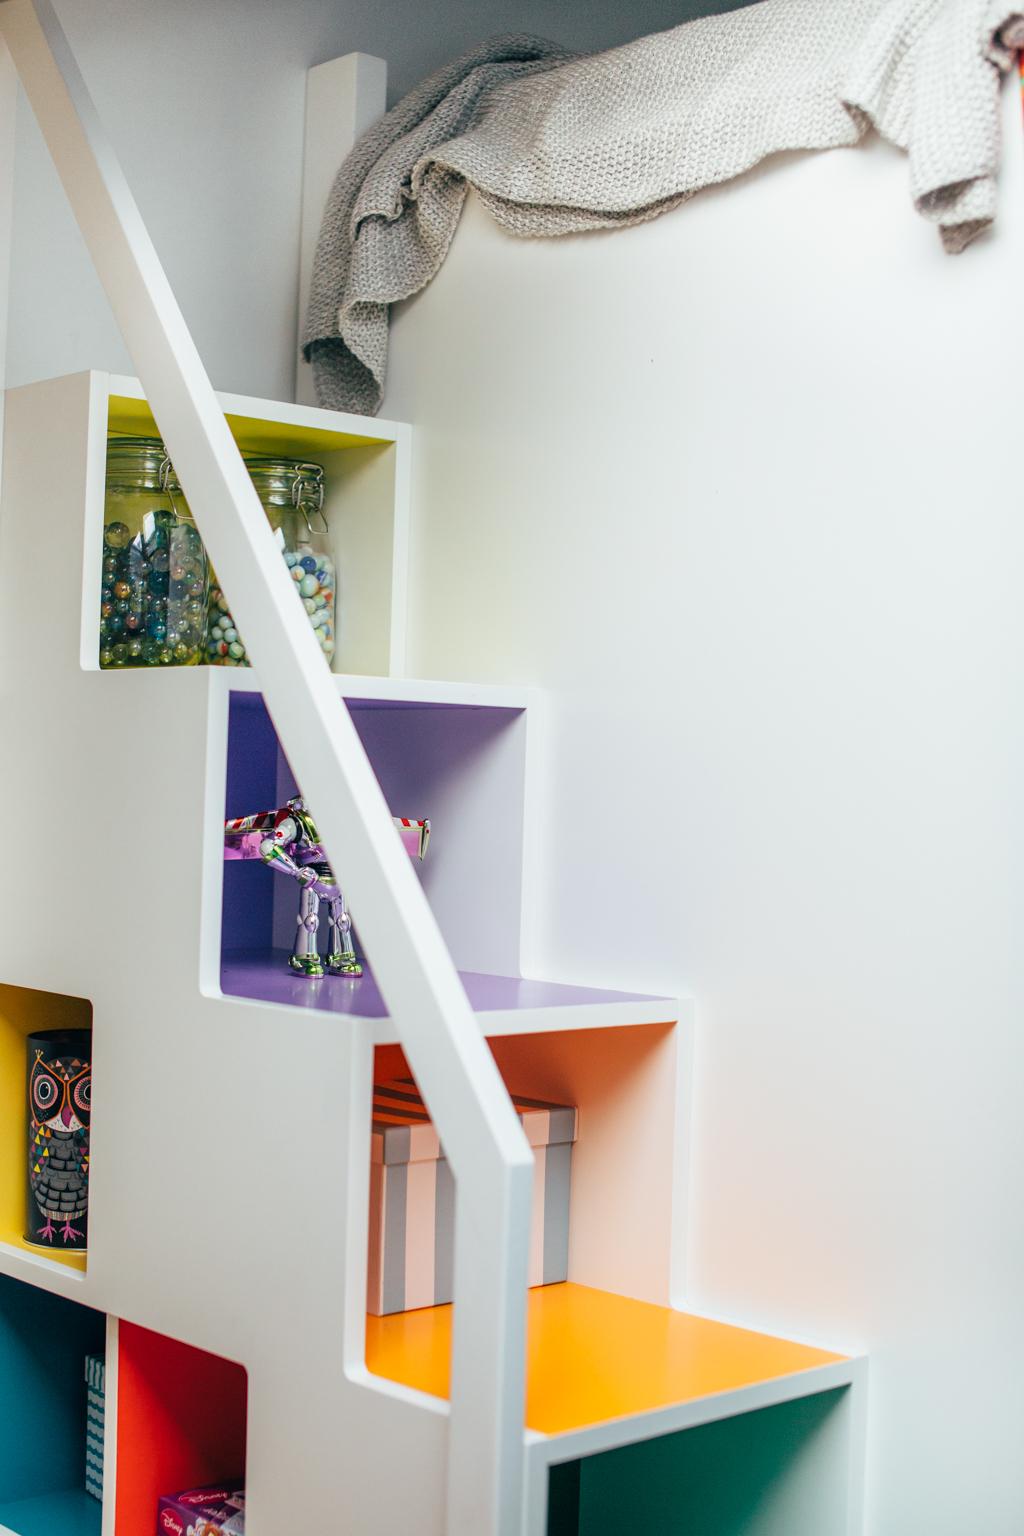 Trappen opp til sengen fungerer som oppbevaring og utstillingsbokser til leker og diverse.